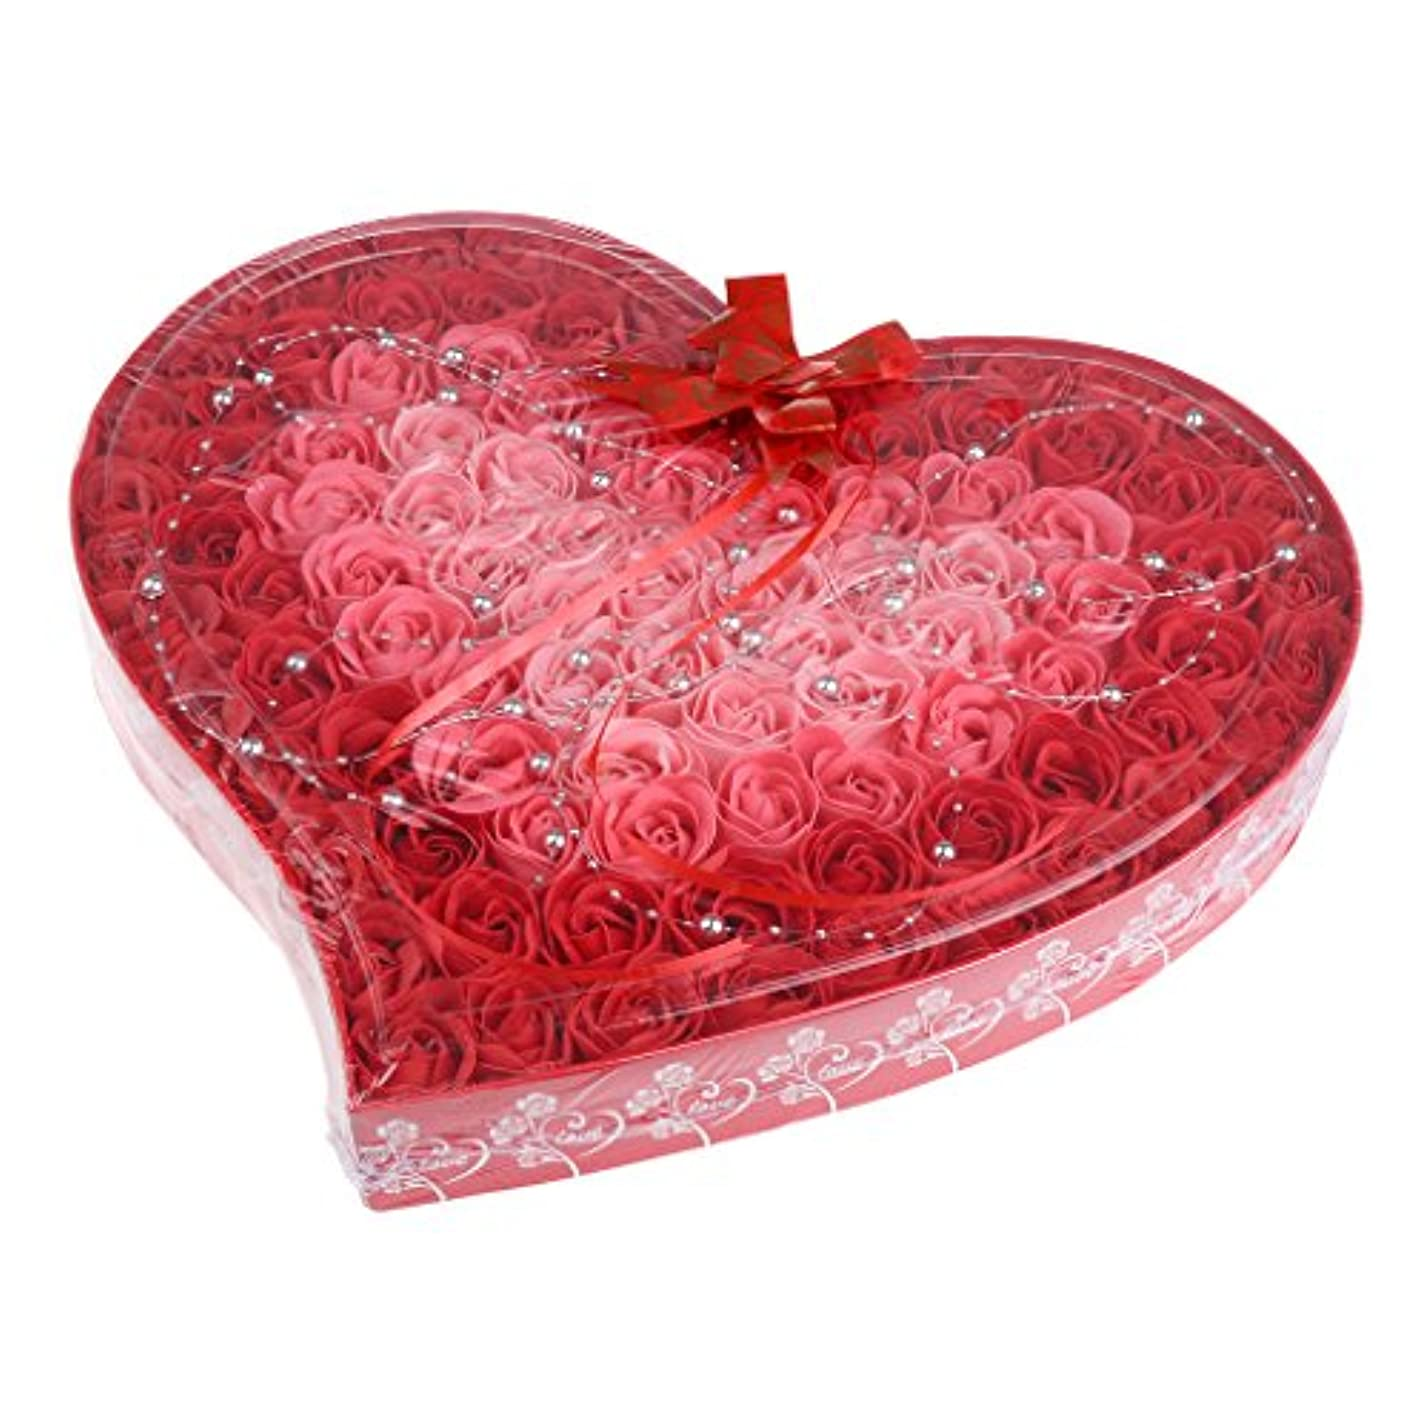 関与する鍔共和国Perfk ソープフラワー 石鹸花  造花 フラワー ギフトボックス  誕生日 母の日 記念日 先生の日 バレンタインデー プレゼント 全4色選べる - 赤